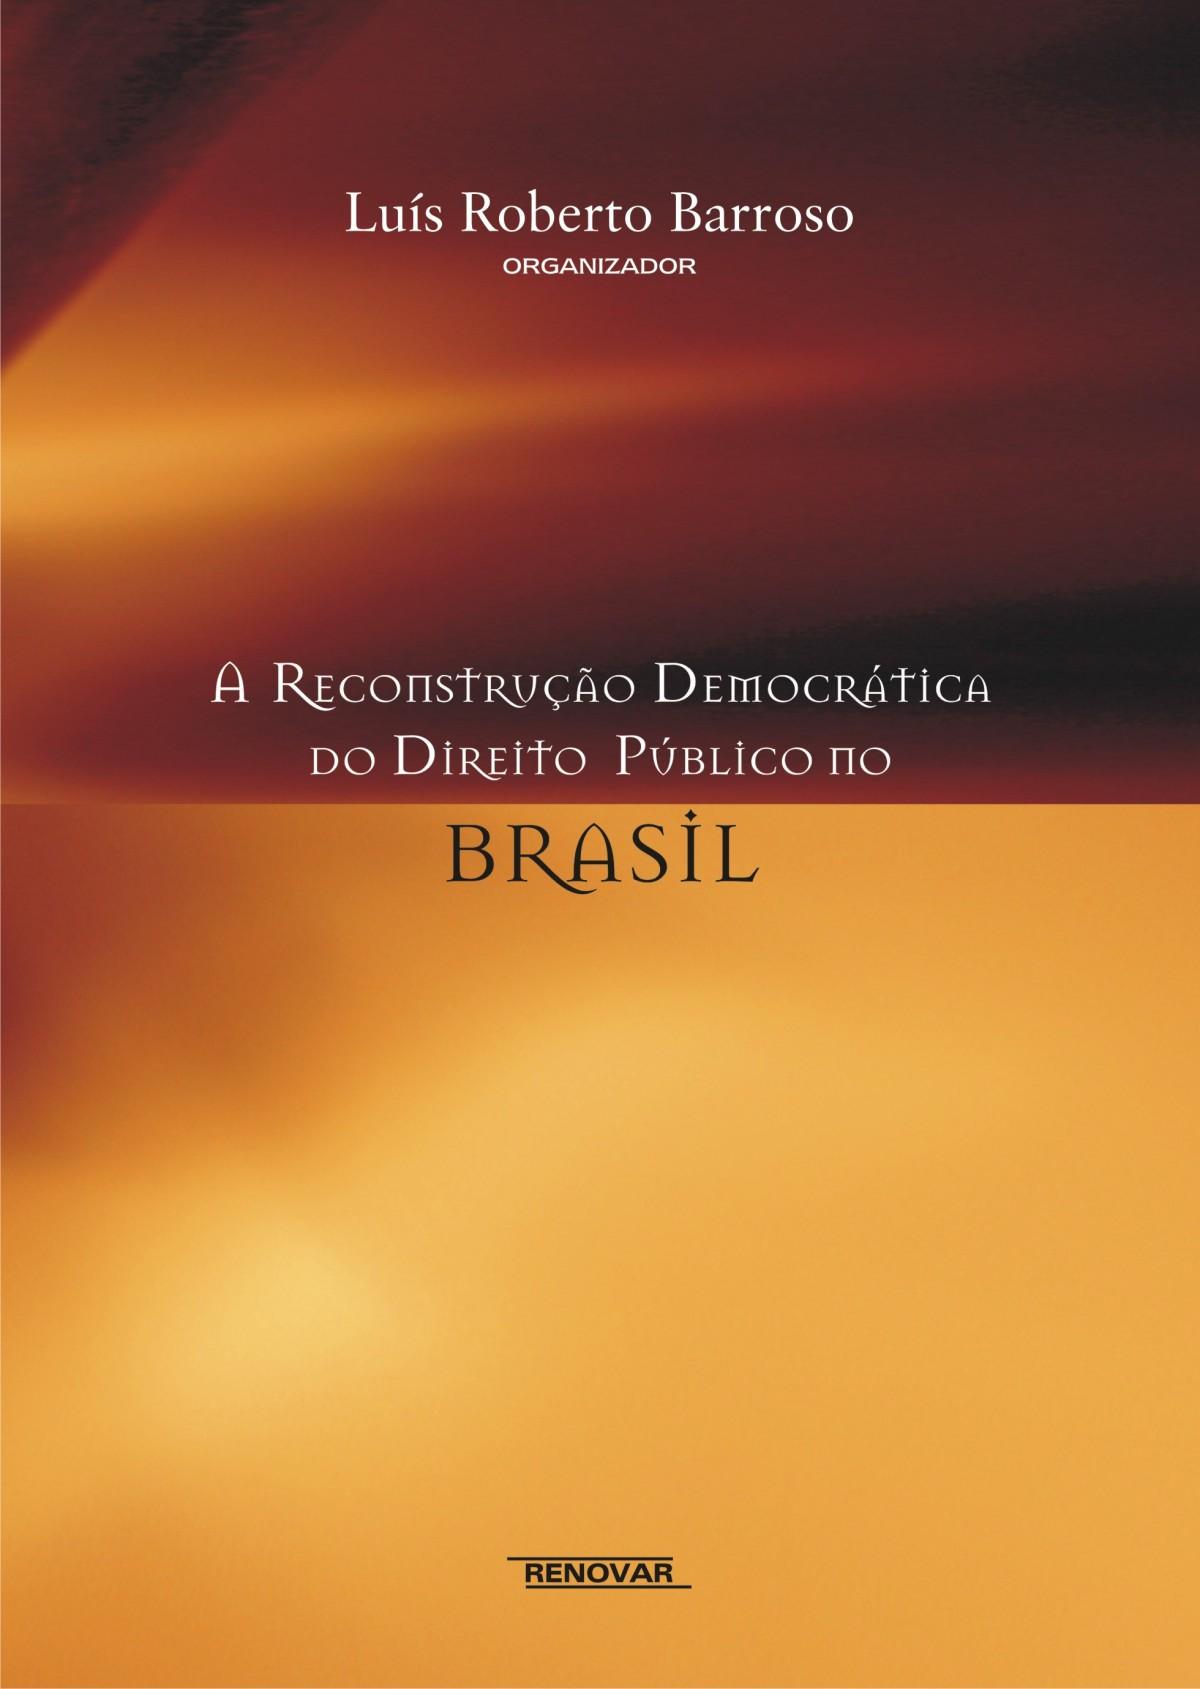 Foto 1 - A Reconstrução Democrática do Direito Público no Brasil